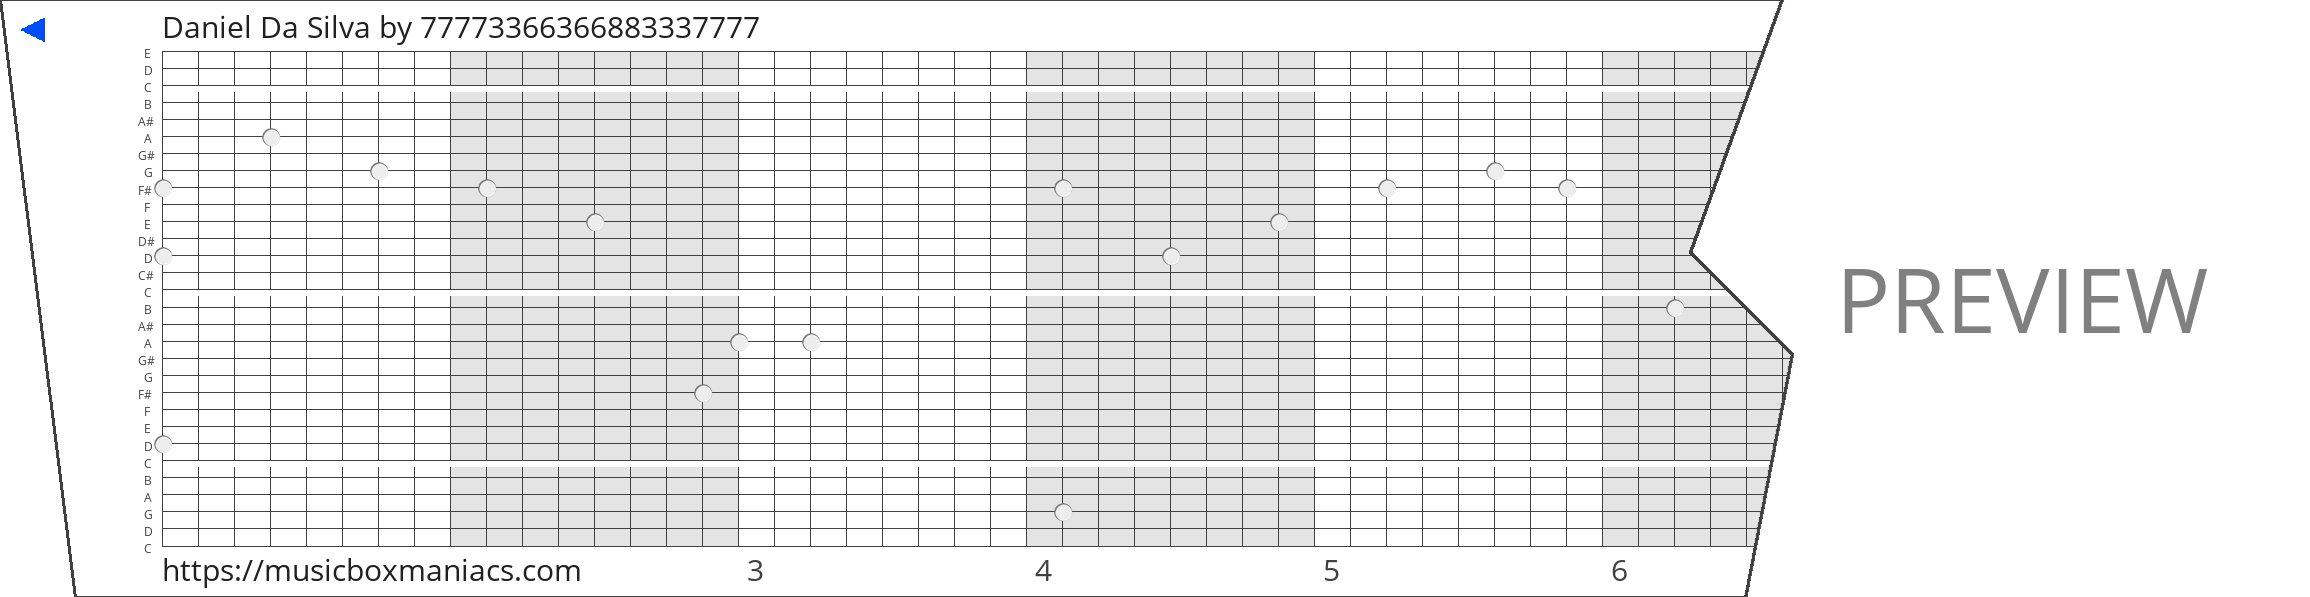 Daniel Da Silva 30 note music box paper strip